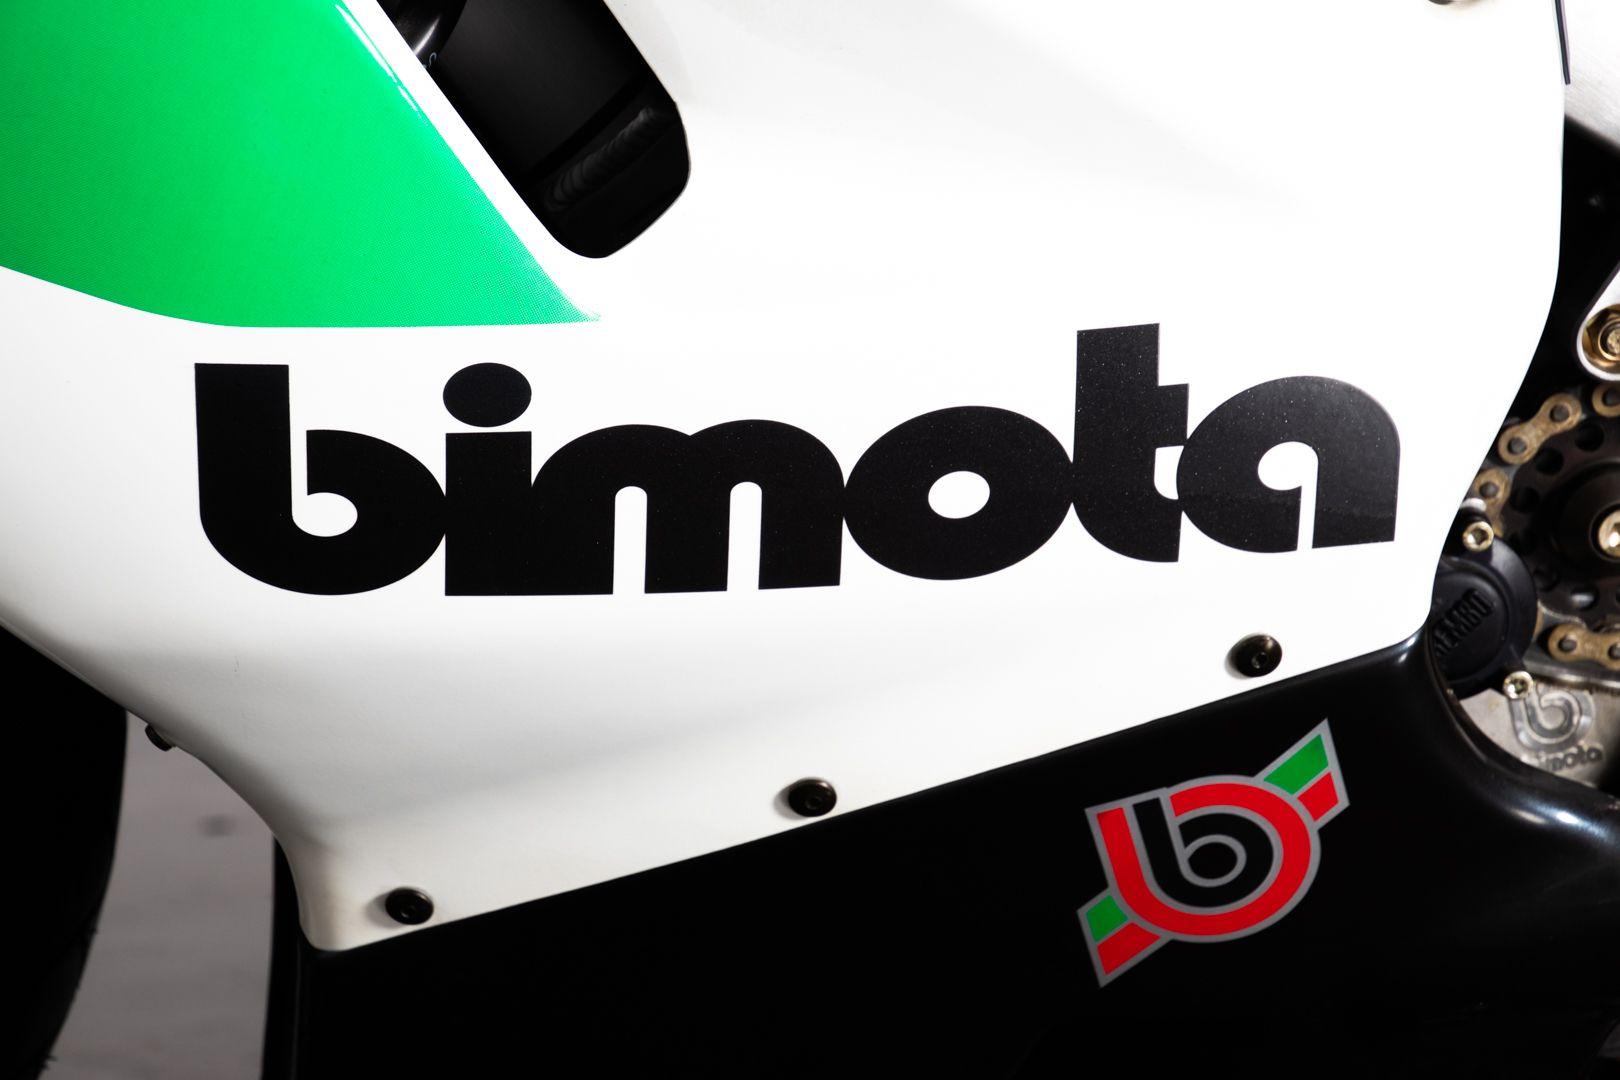 2003 Bimota 500 V-Due 81544